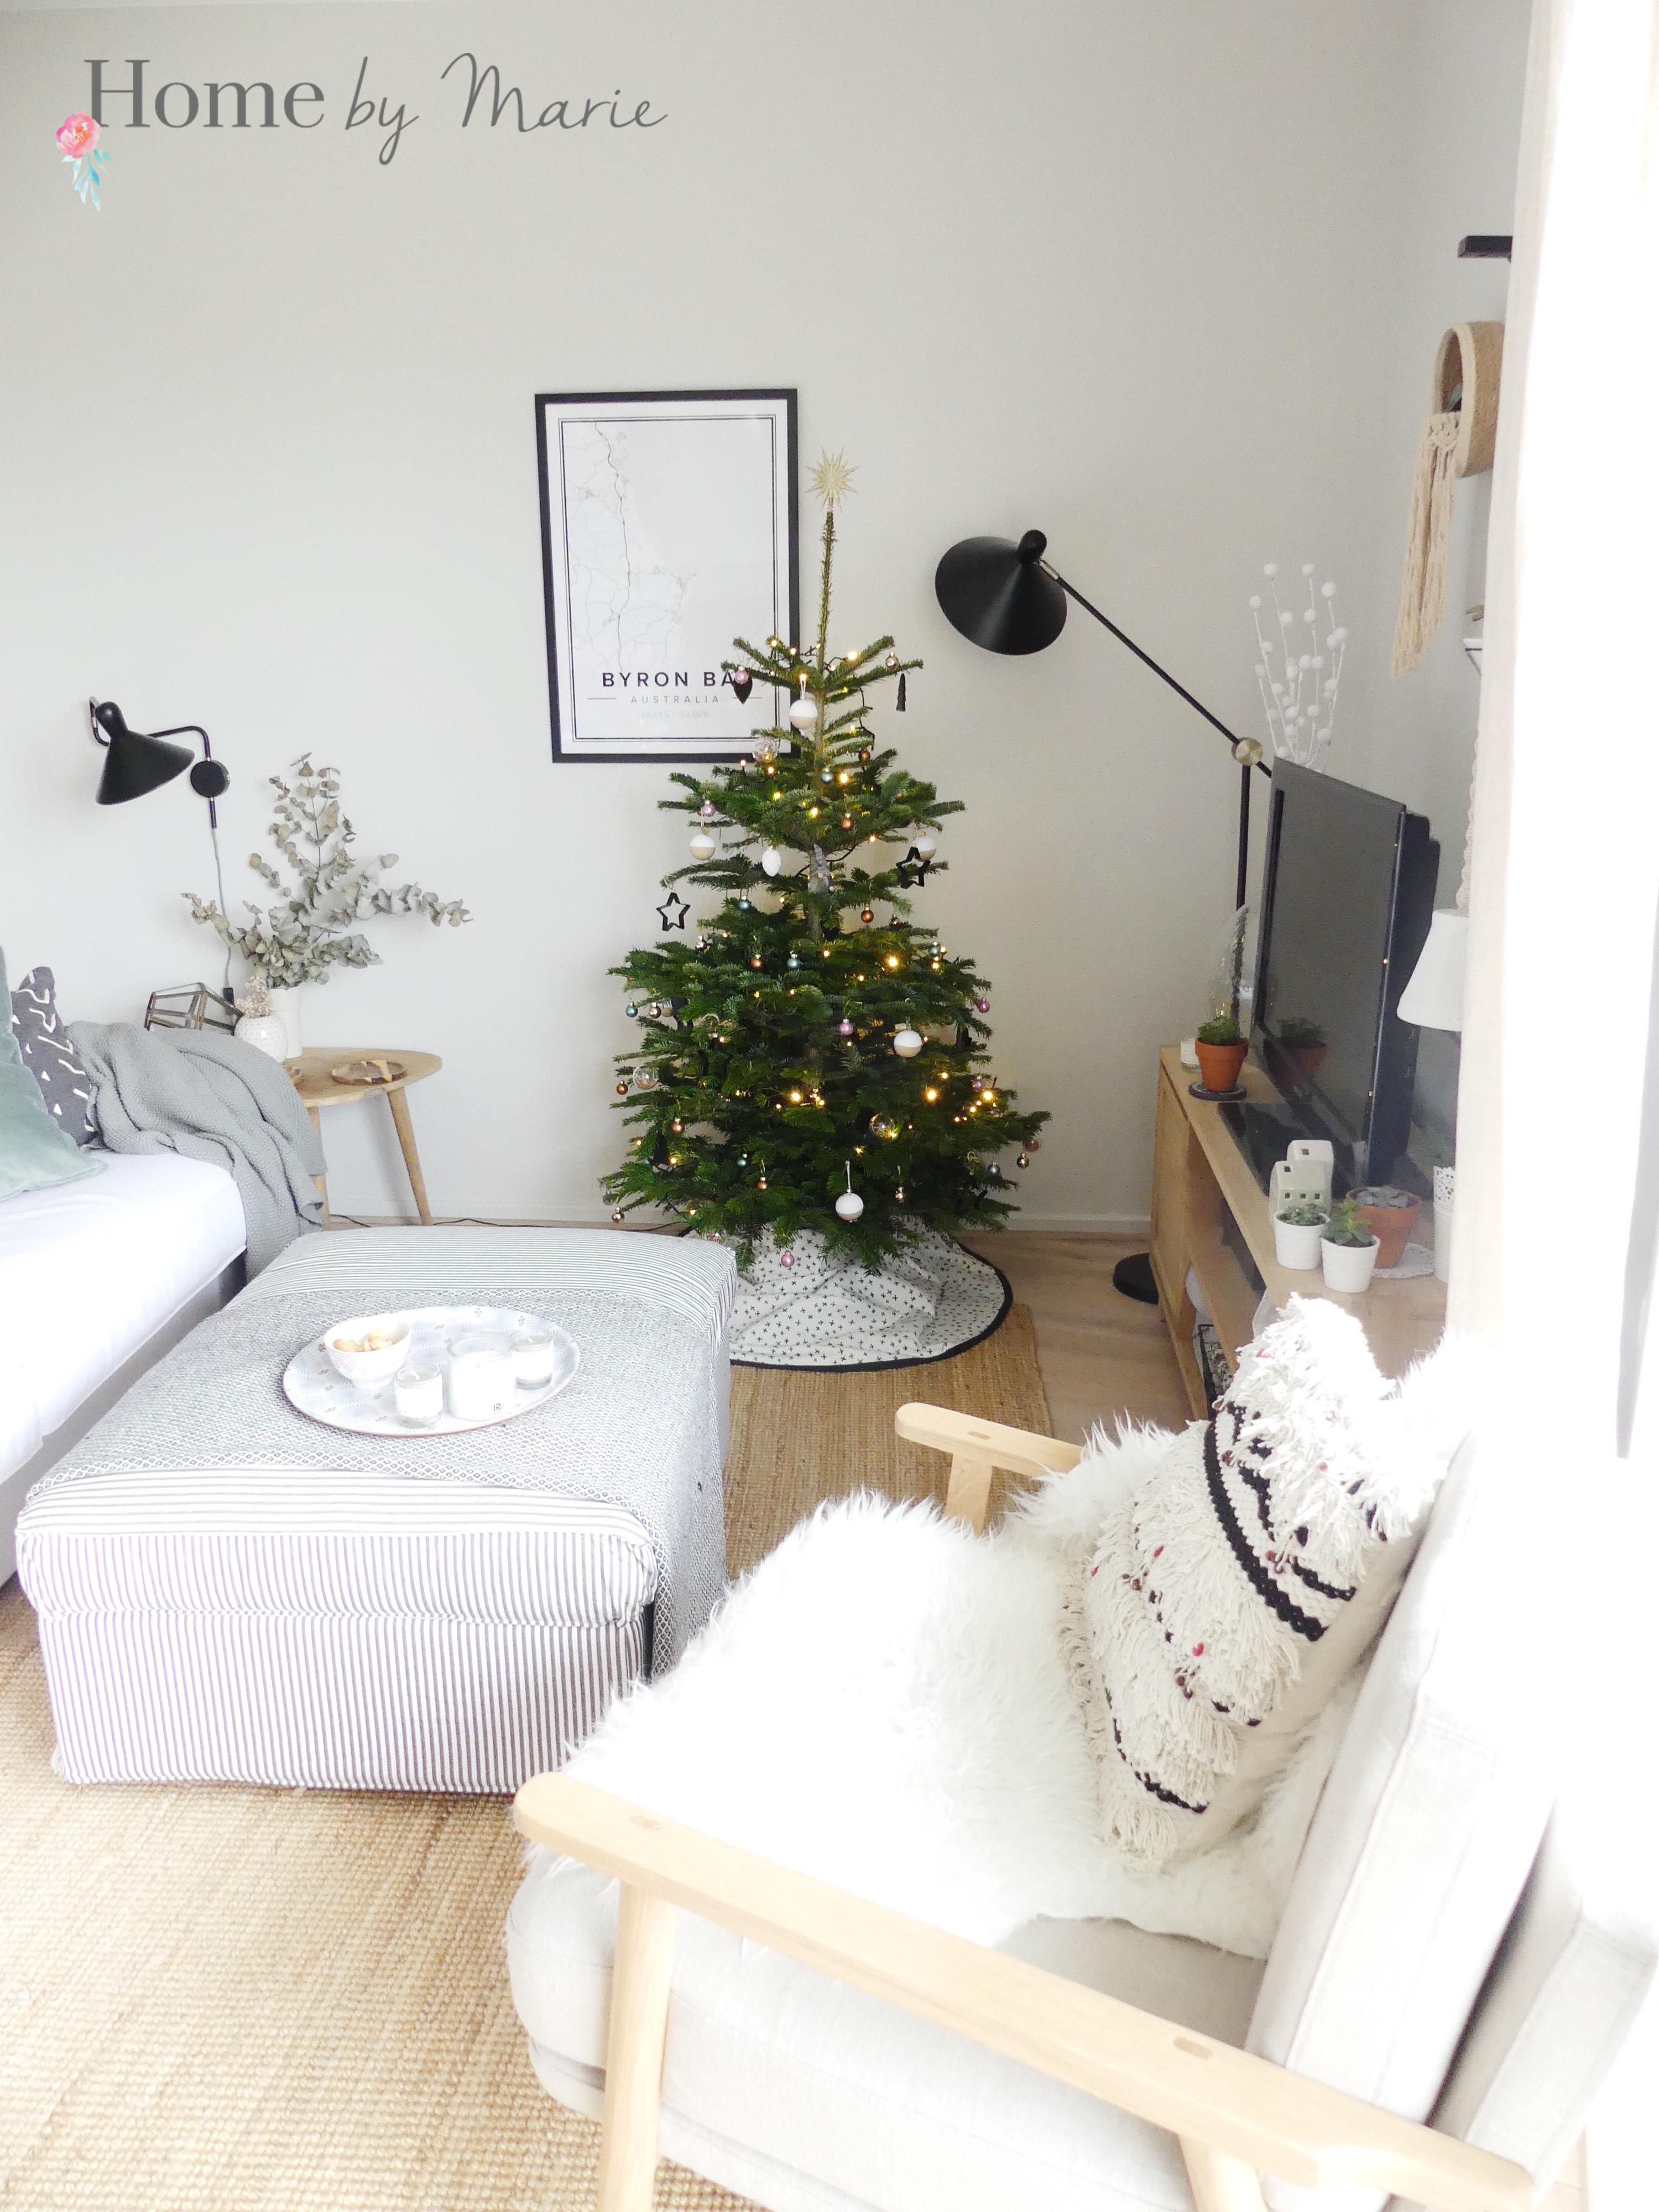 Deco Pied De Sapin une décoration de noël minimaliste - homemarie